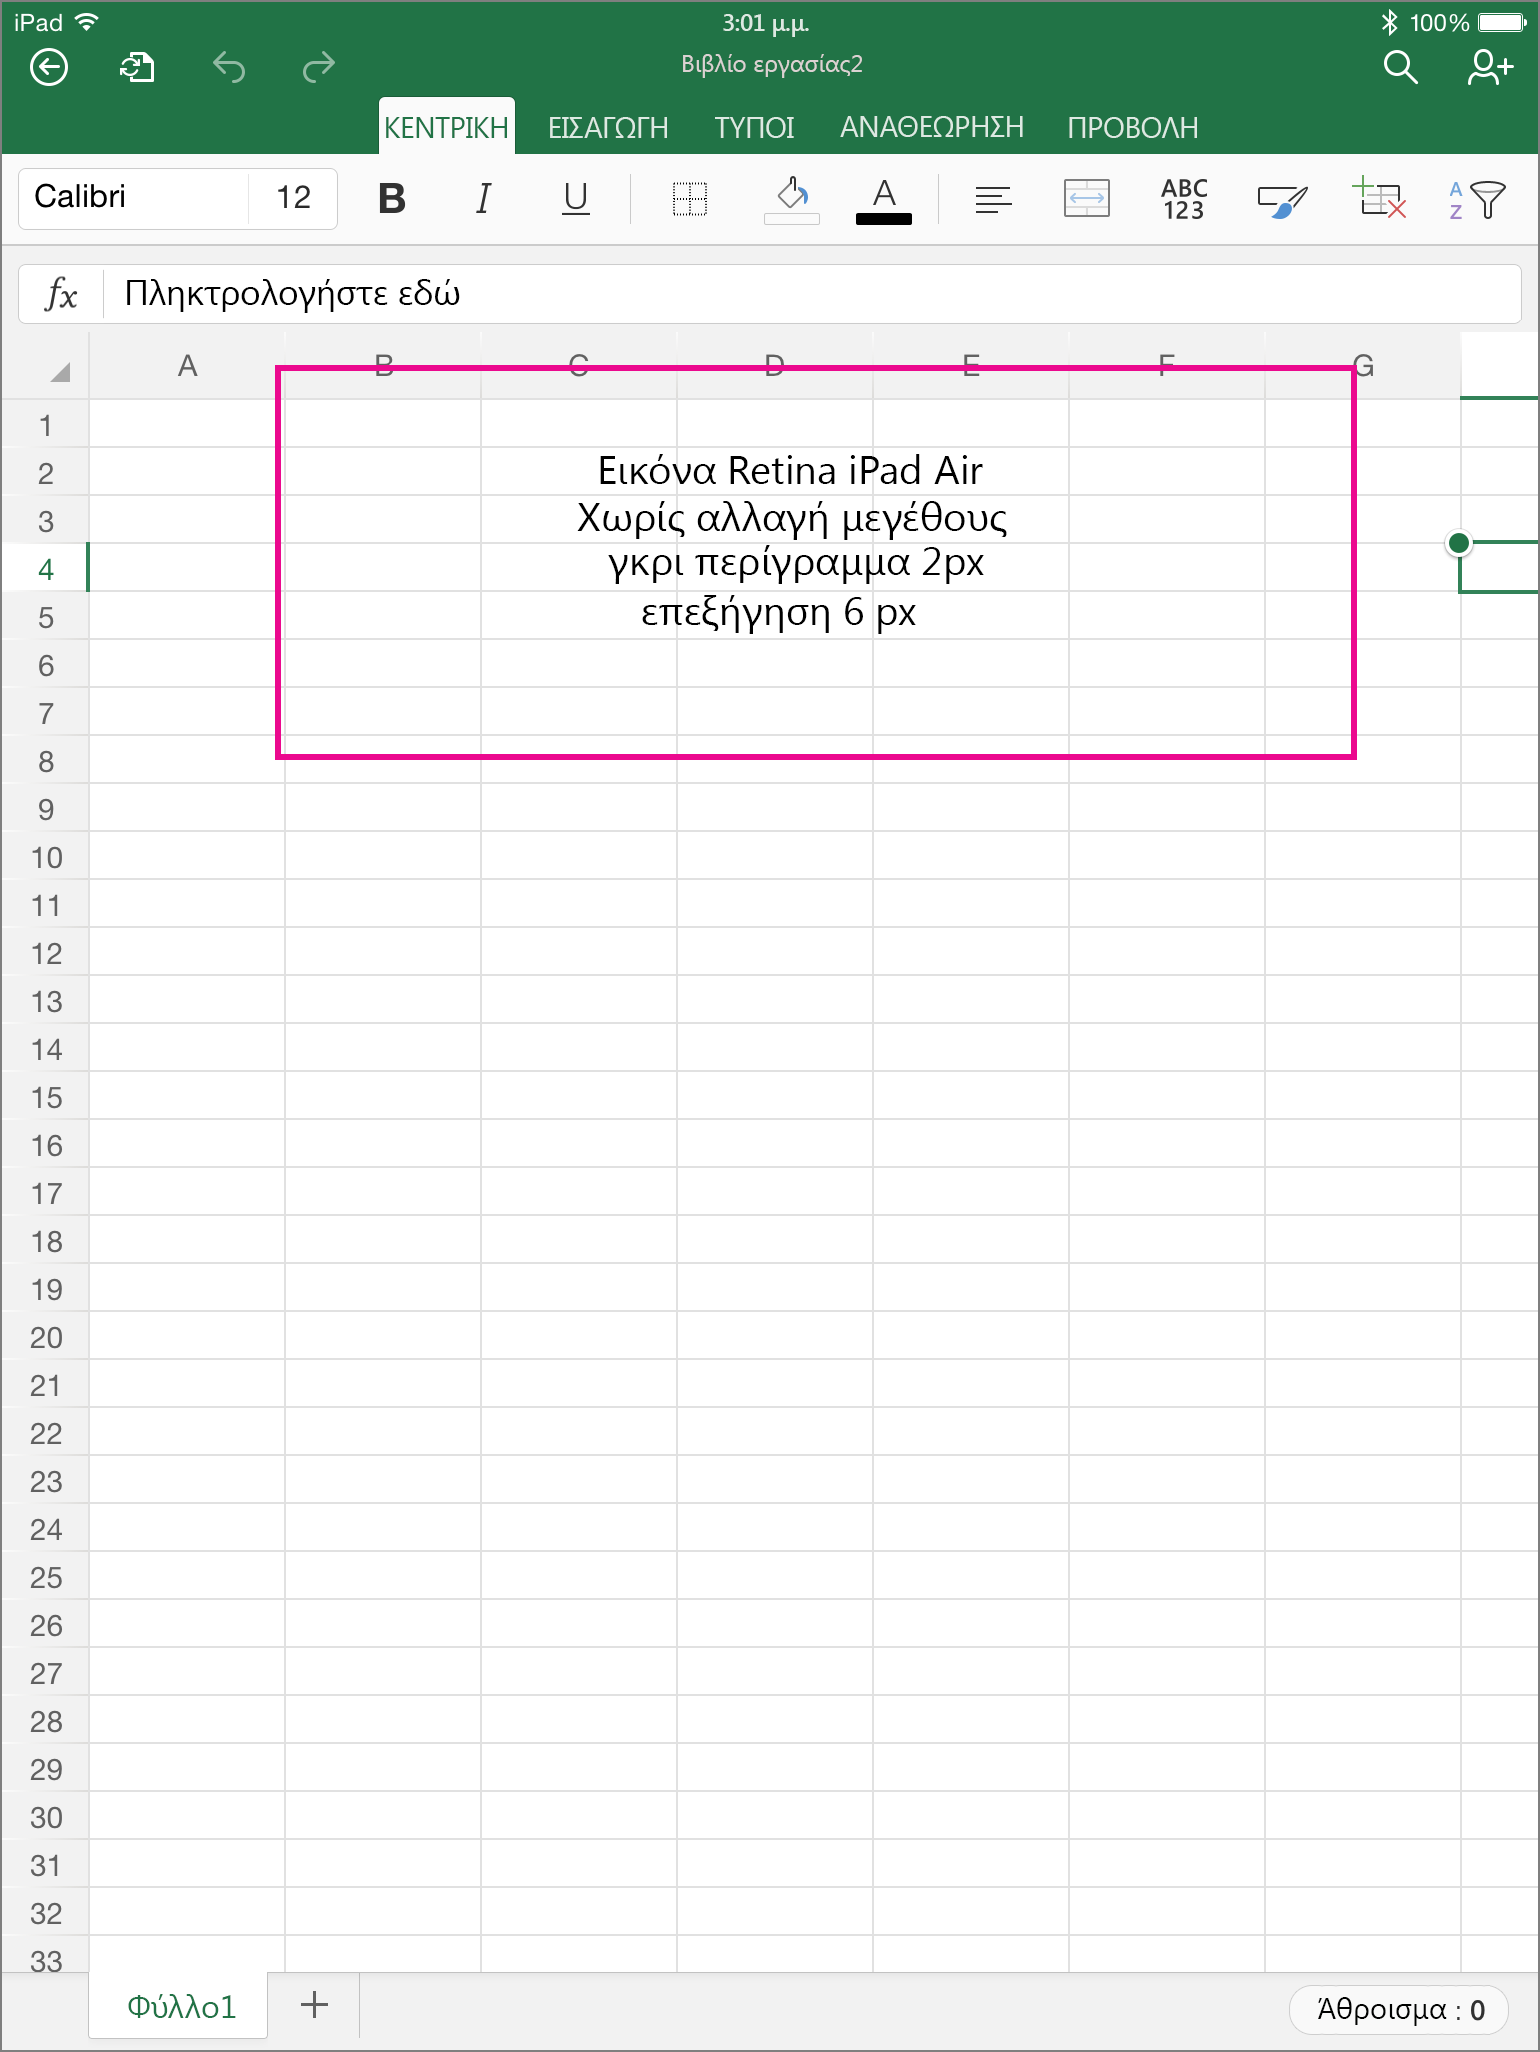 Δοκιμή εικόνας iPad ΜΕ επεξηγήσεις ΚΑΤΑΚΟΡΥΦΑ